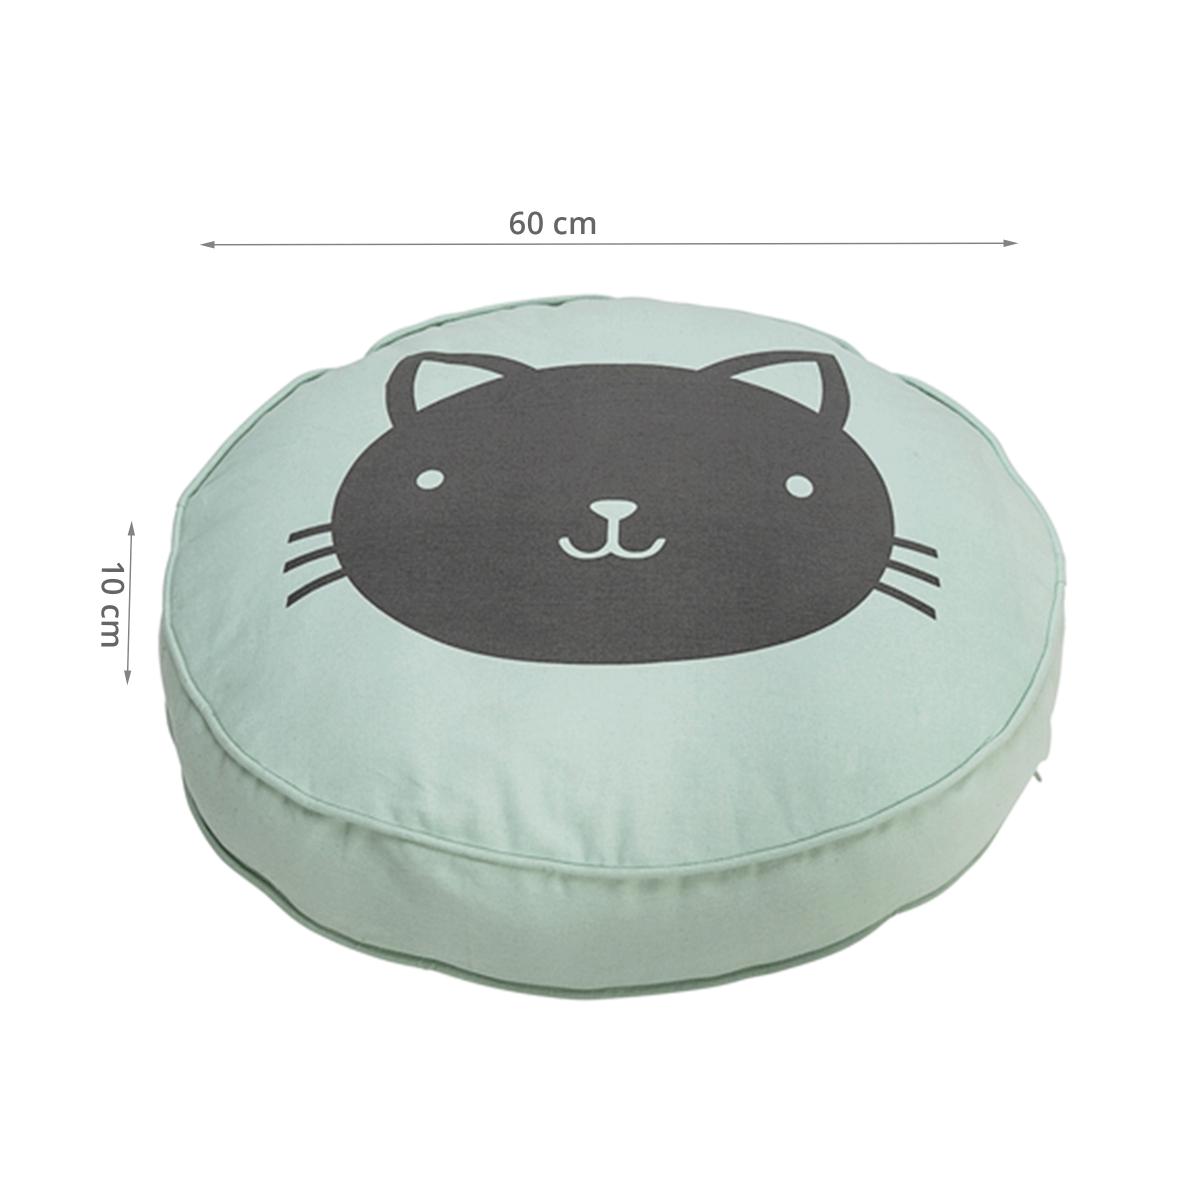 coussin pour chat ludique. Black Bedroom Furniture Sets. Home Design Ideas